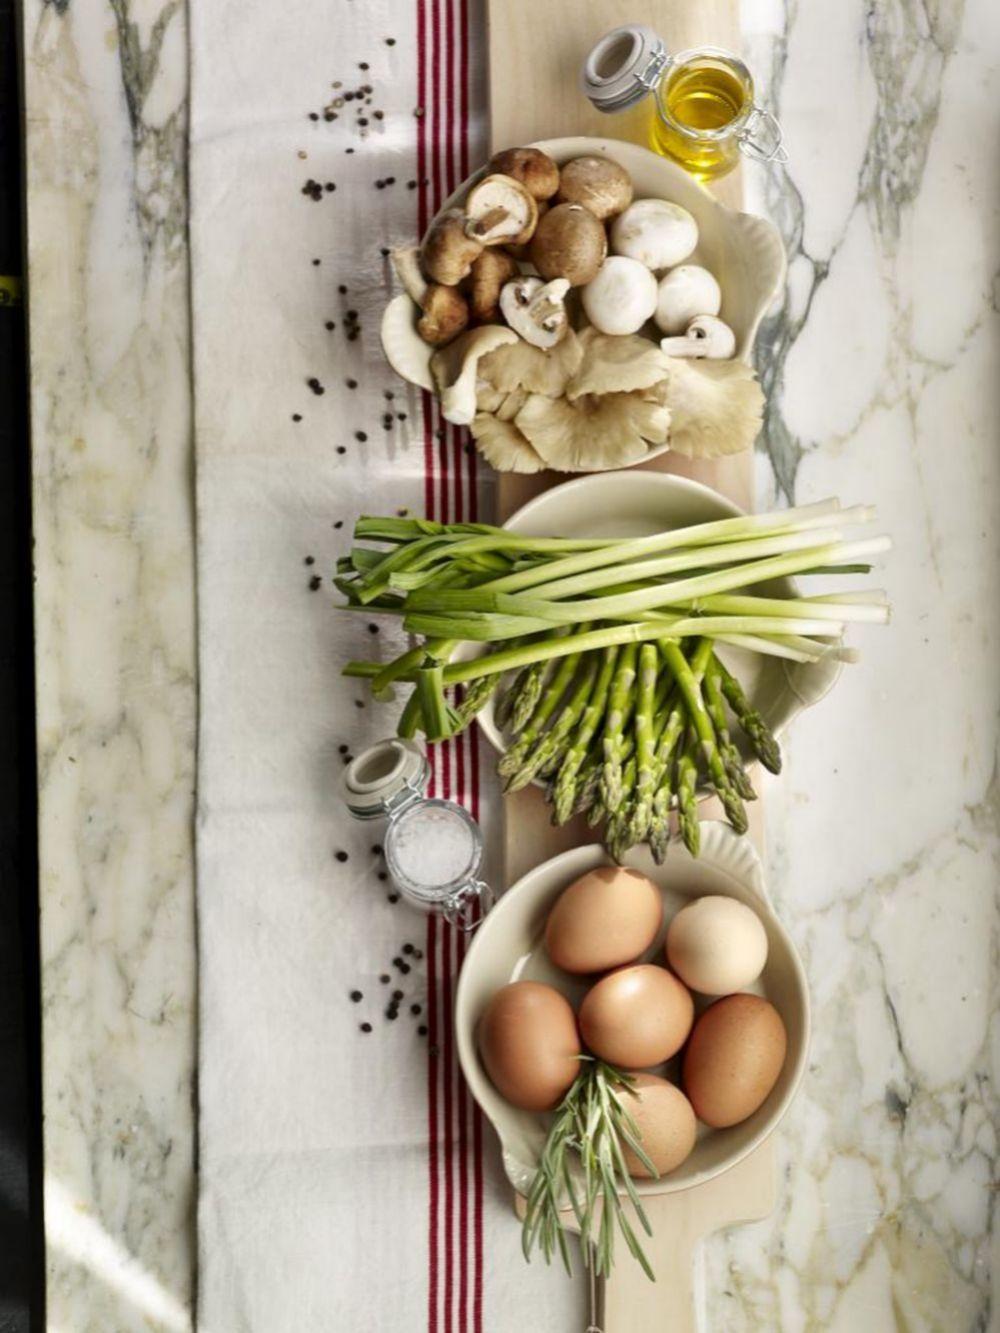 Más verdura en el plato para sentirte ligera y mejorar las defensas frente al virus.